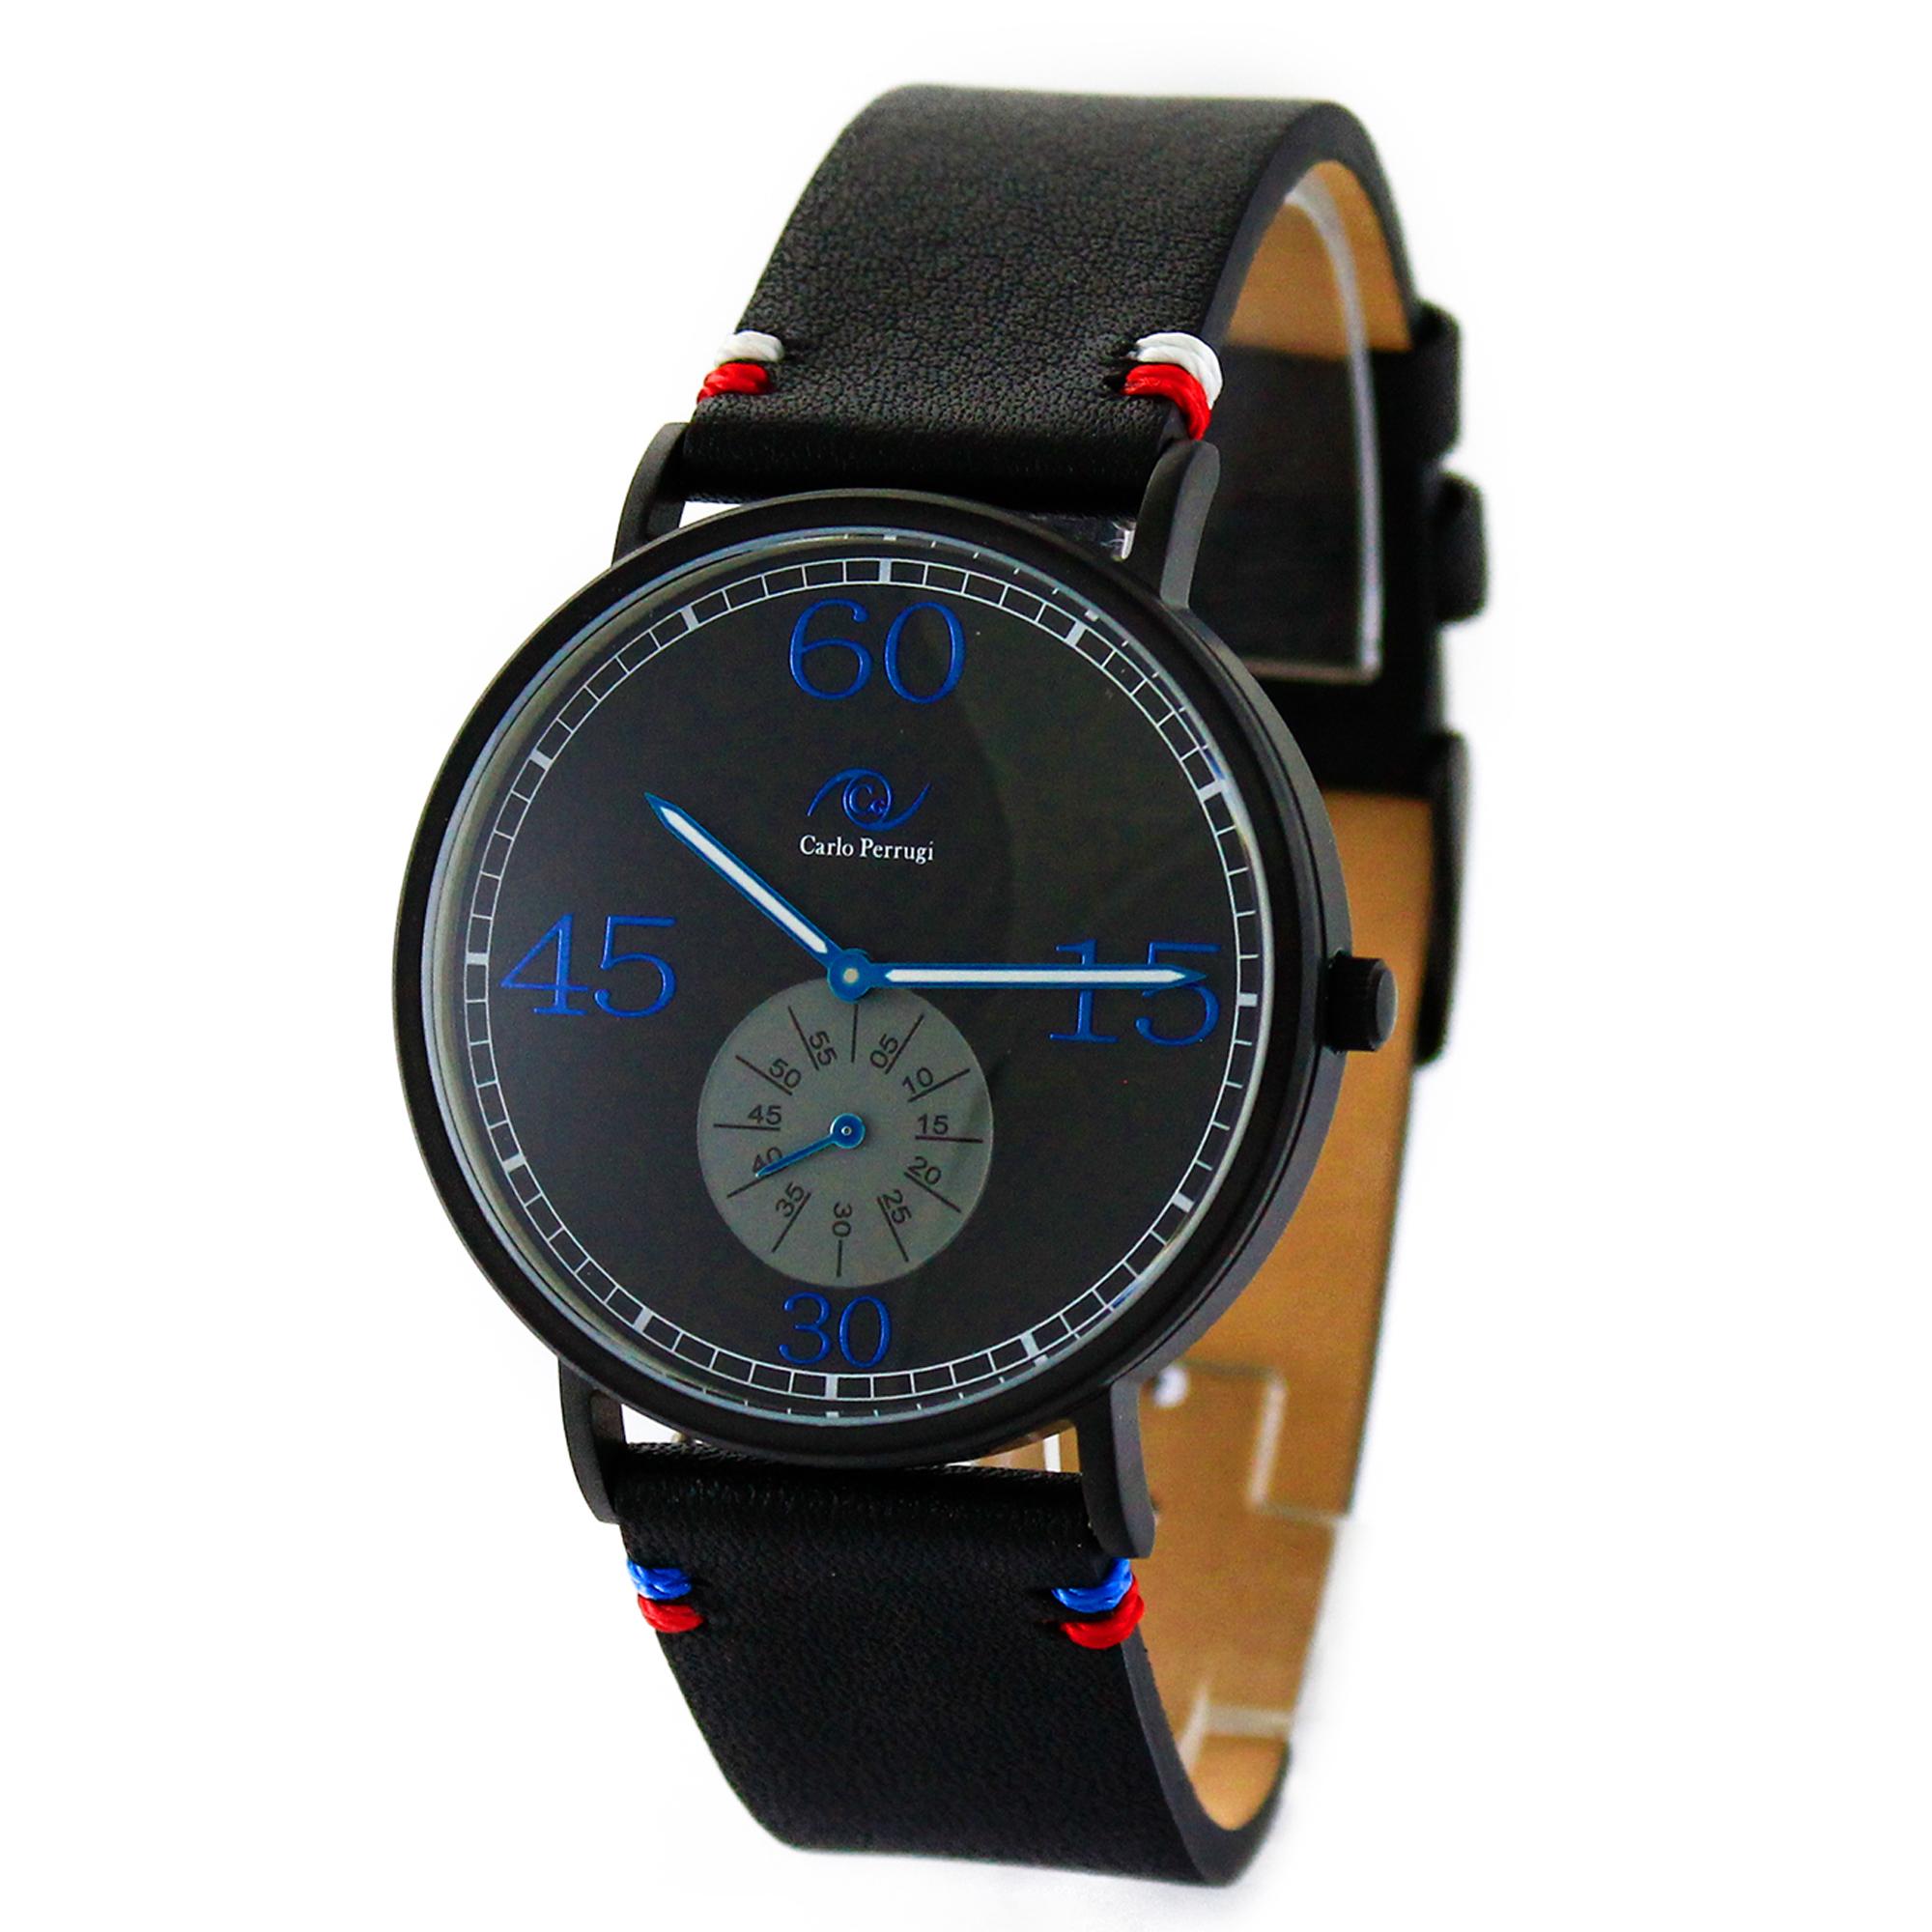 ساعت مچی عقربه ای مردانه کارلو پروجی مدل CG3109 42